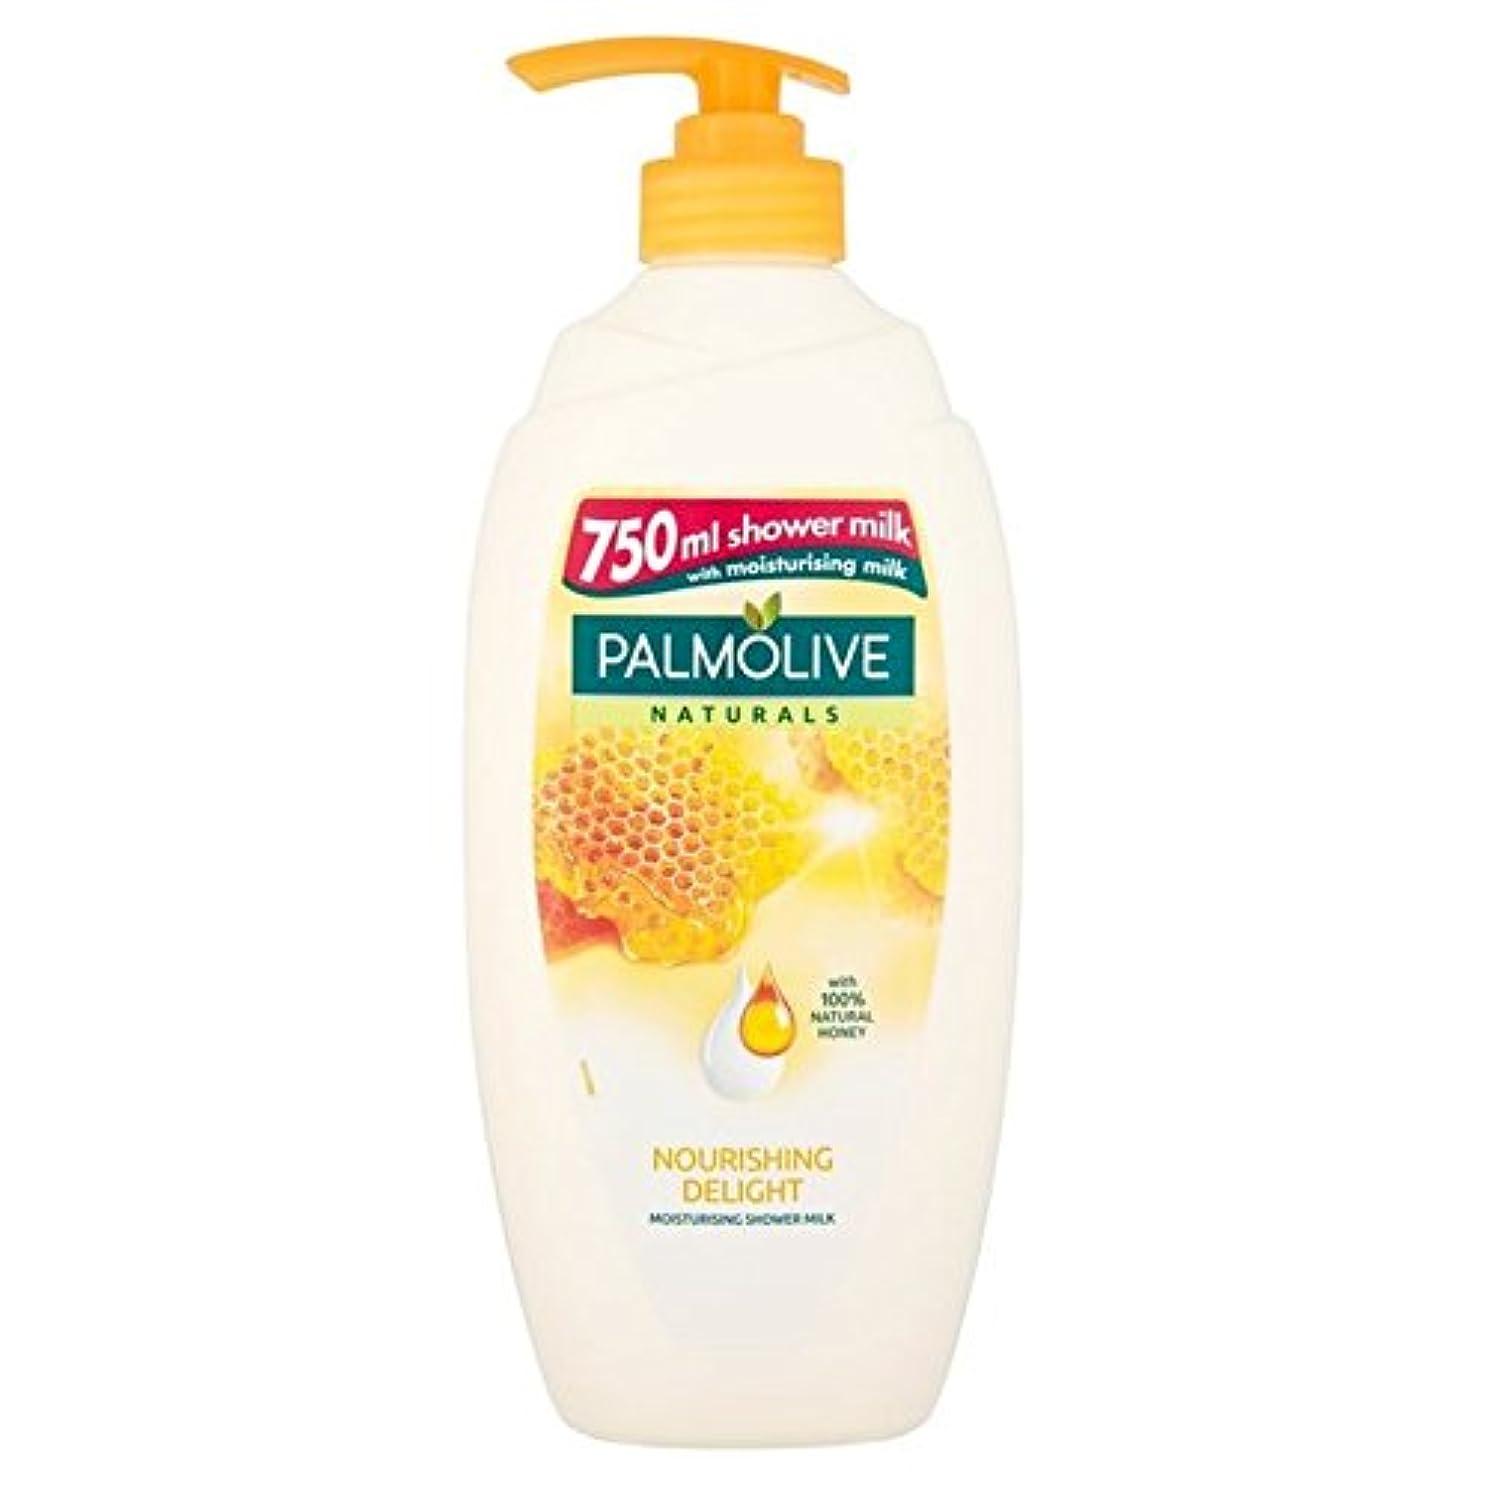 摘む民主主義耐えられない蜂蜜の750ミリリットルとシャワーナチュラルミルク栄養パルモライブナチュラル x2 - Palmolive Naturals Nourishing Shower Naturals Milk with Honey 750ml (Pack of 2) [並行輸入品]